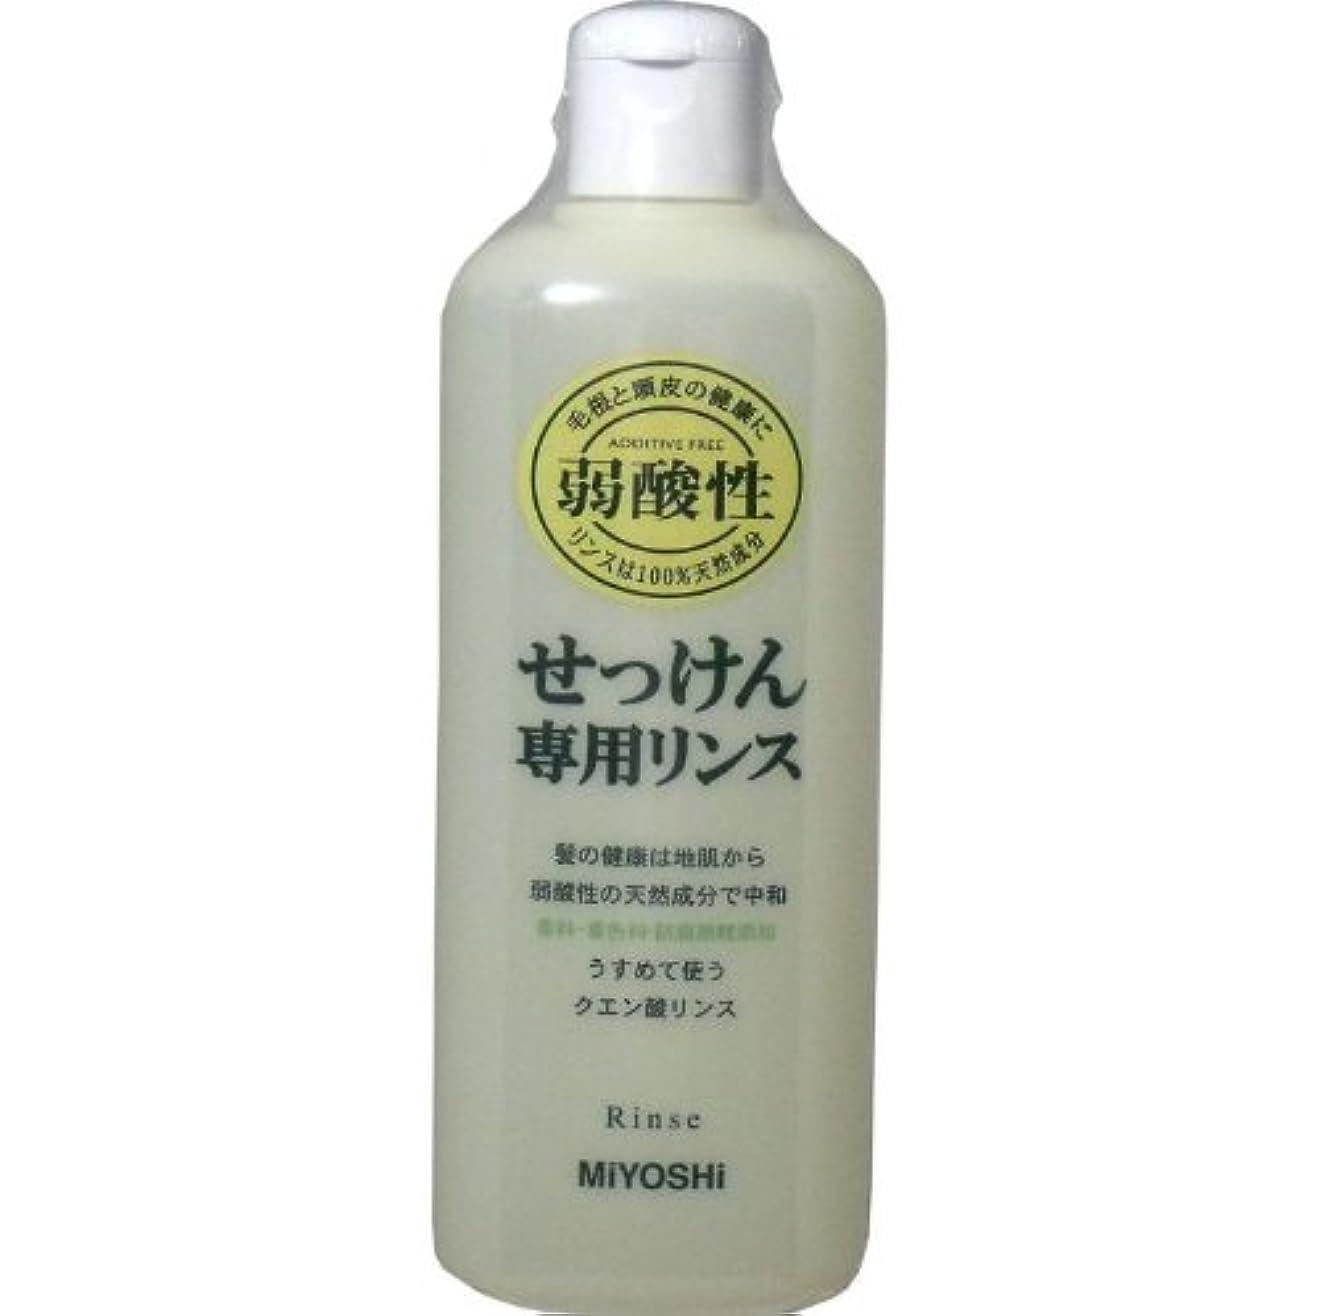 ジョセフバンクス明示的にリラックス髪の健康は地肌から、弱酸性の天然成分で中和!!香料、防腐剤、着色料無添加!うすめて使うクエン酸リンス!リンス 350mL【3個セット】